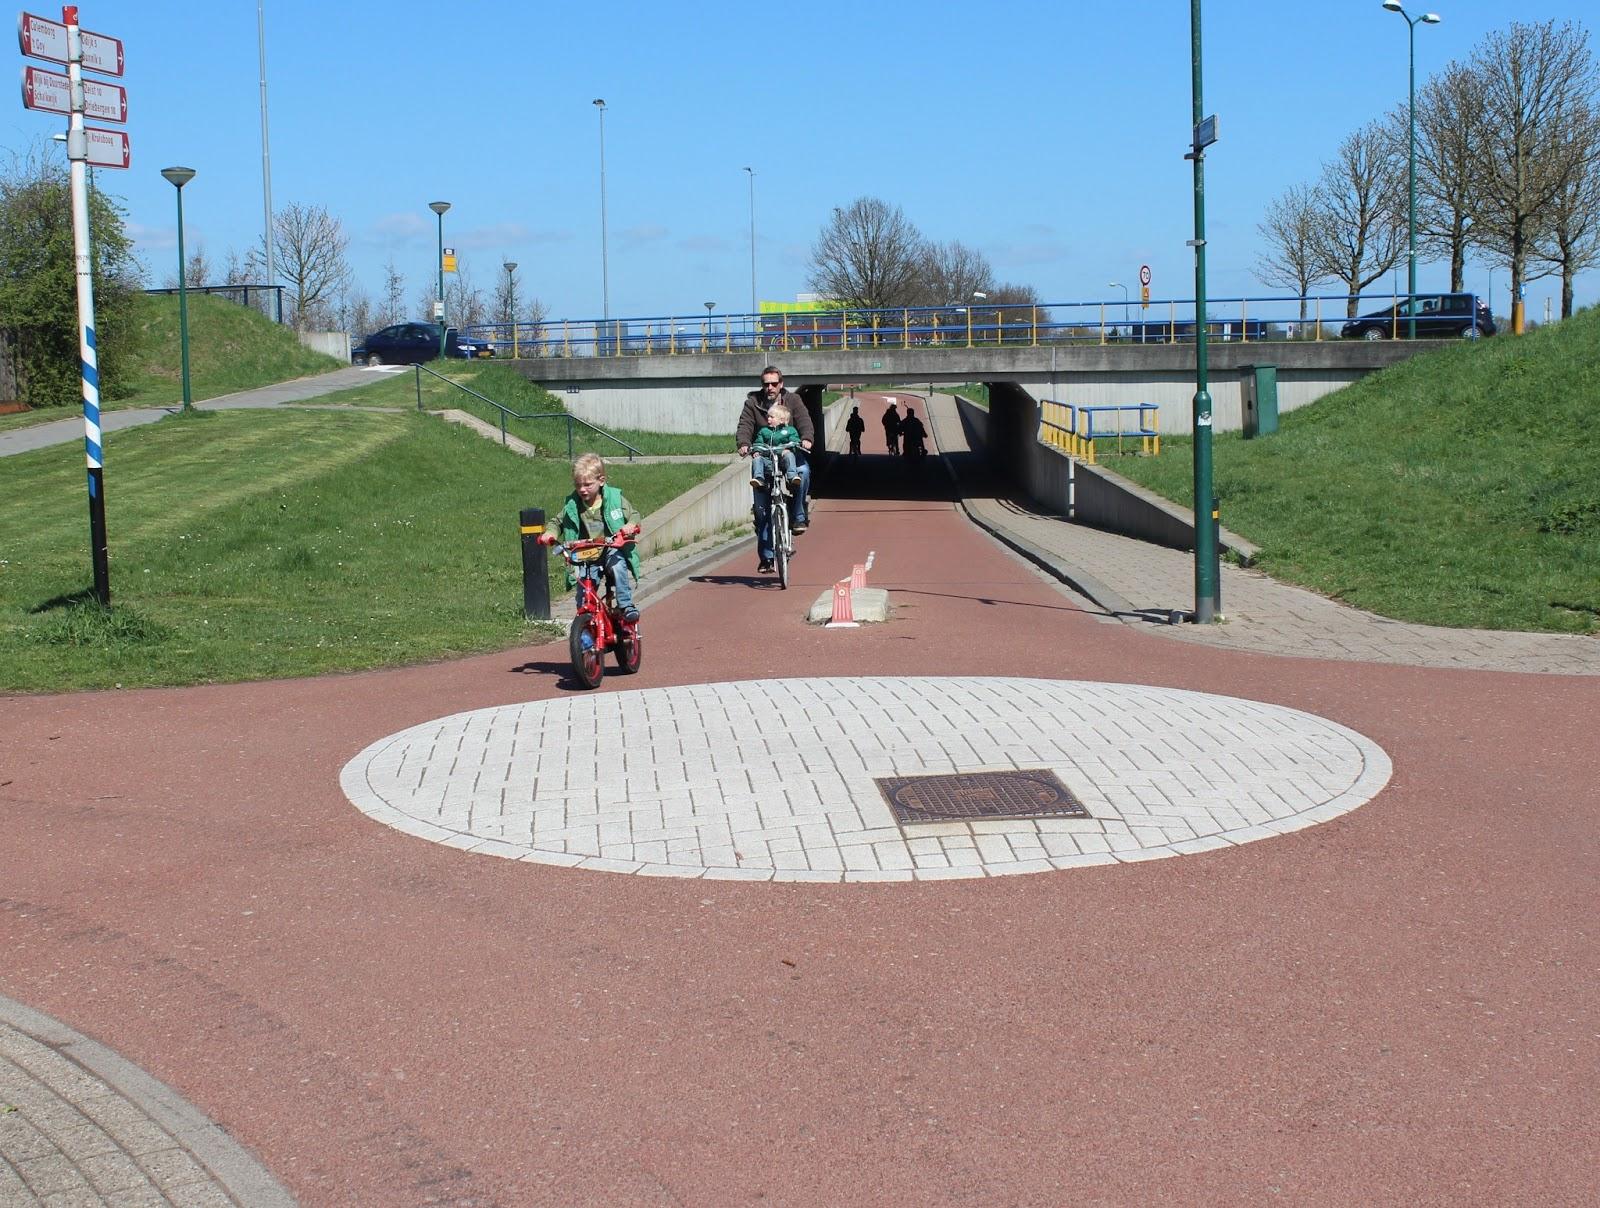 Radschnellwege in Holland | Grüne Fraktion Bornheim